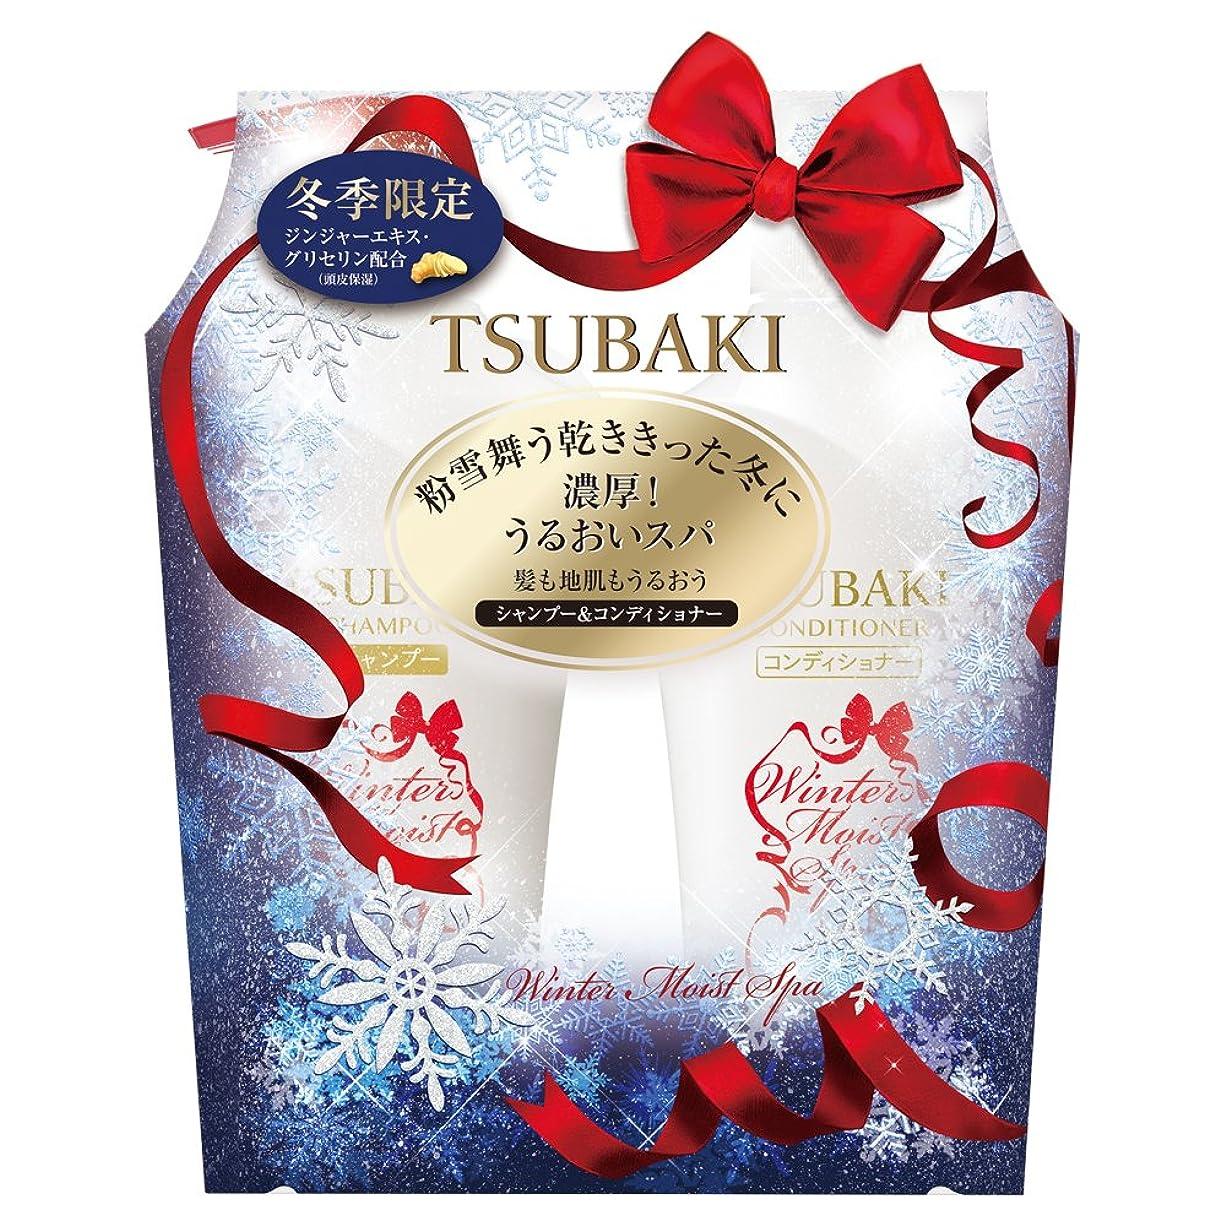 ベリー価値のない拘束【セット品】TSUBAKI ウインターモイスト シャンプー&コンディショナー 500ml+500ml